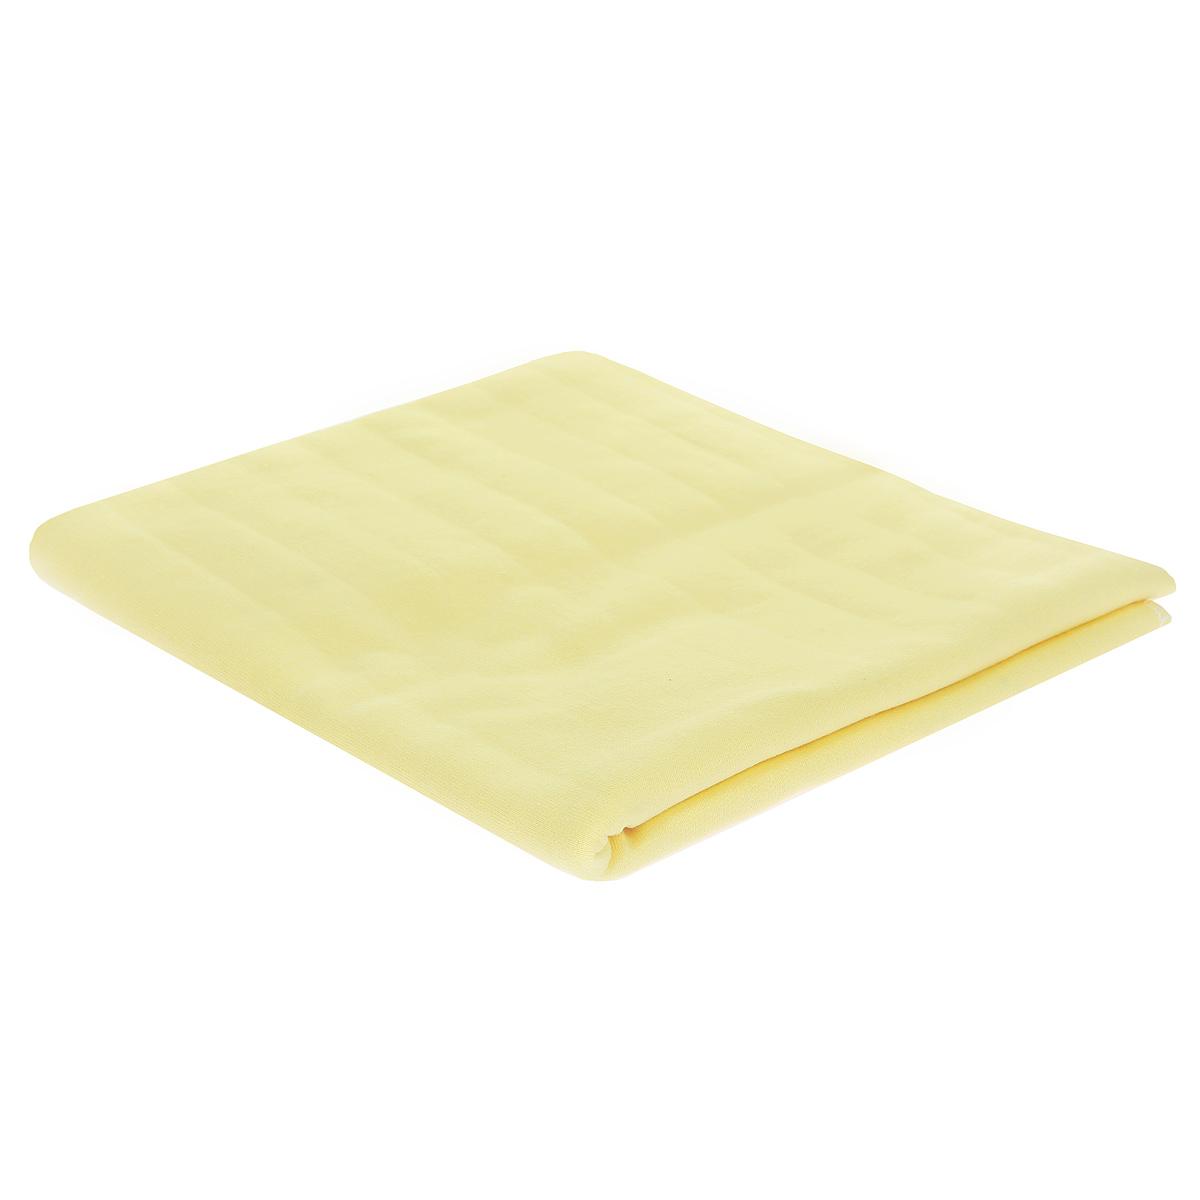 Пеленка детская Трон-Плюс, цвет: желтый, 120 см х 90 см пеленка трикотажная трон плюс цвет розовый 120 см х 90 см